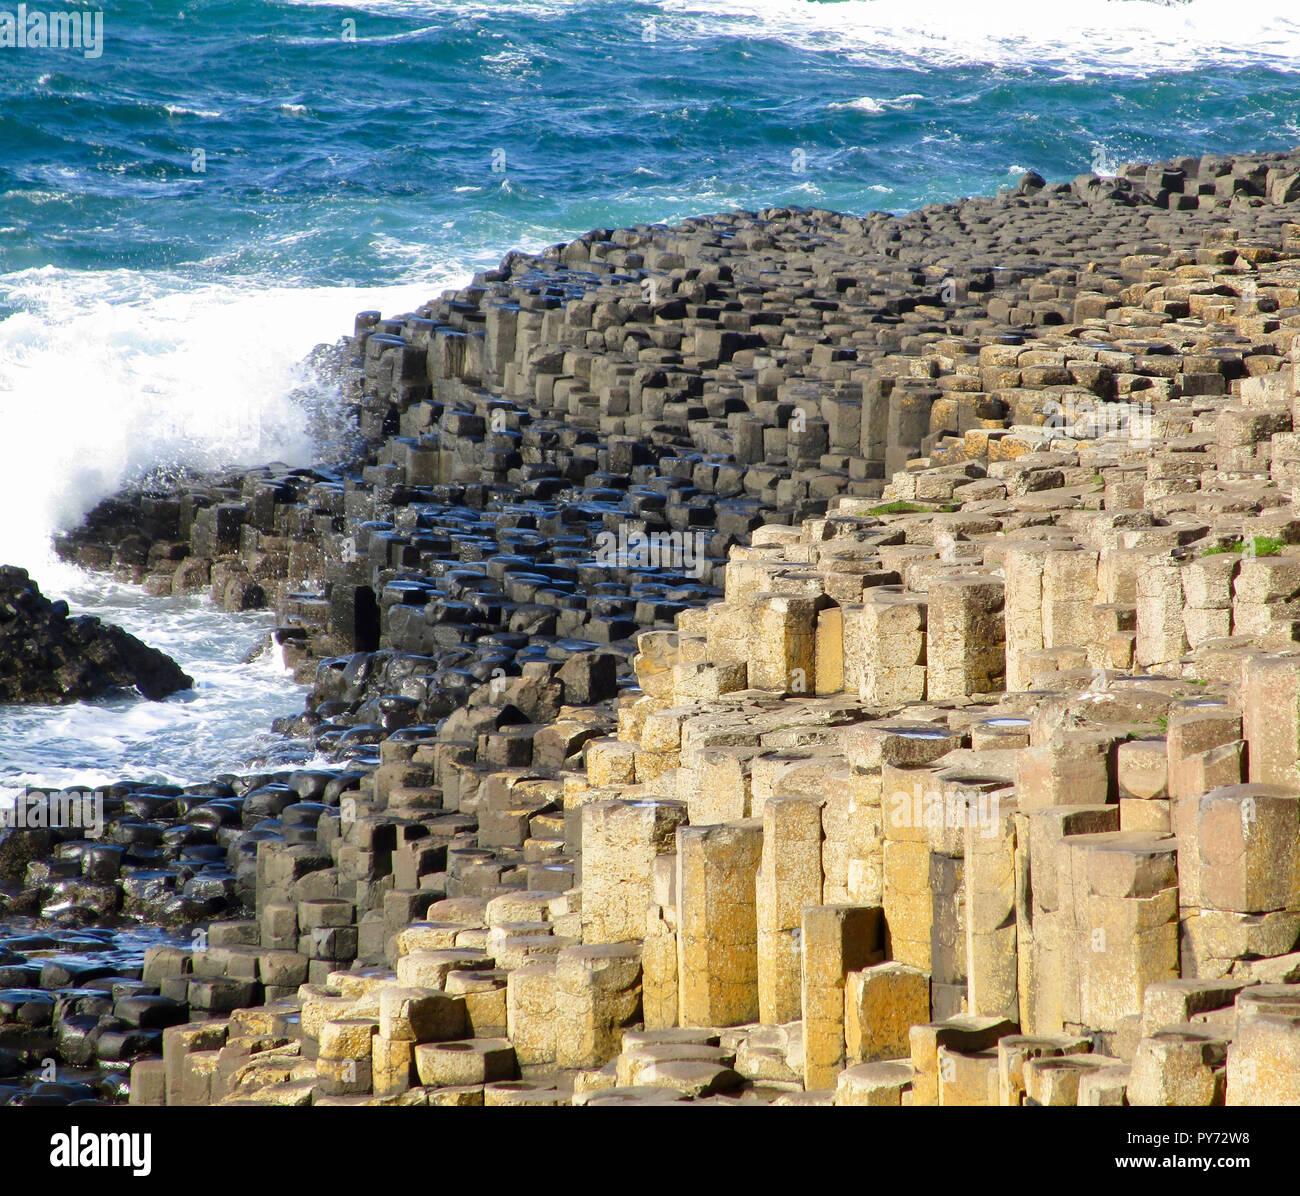 Vue de l'hexagone en pierre de basalte en forme de colonnes dans le paysage de la Chaussée des Géants en Irlande du Nord Banque D'Images